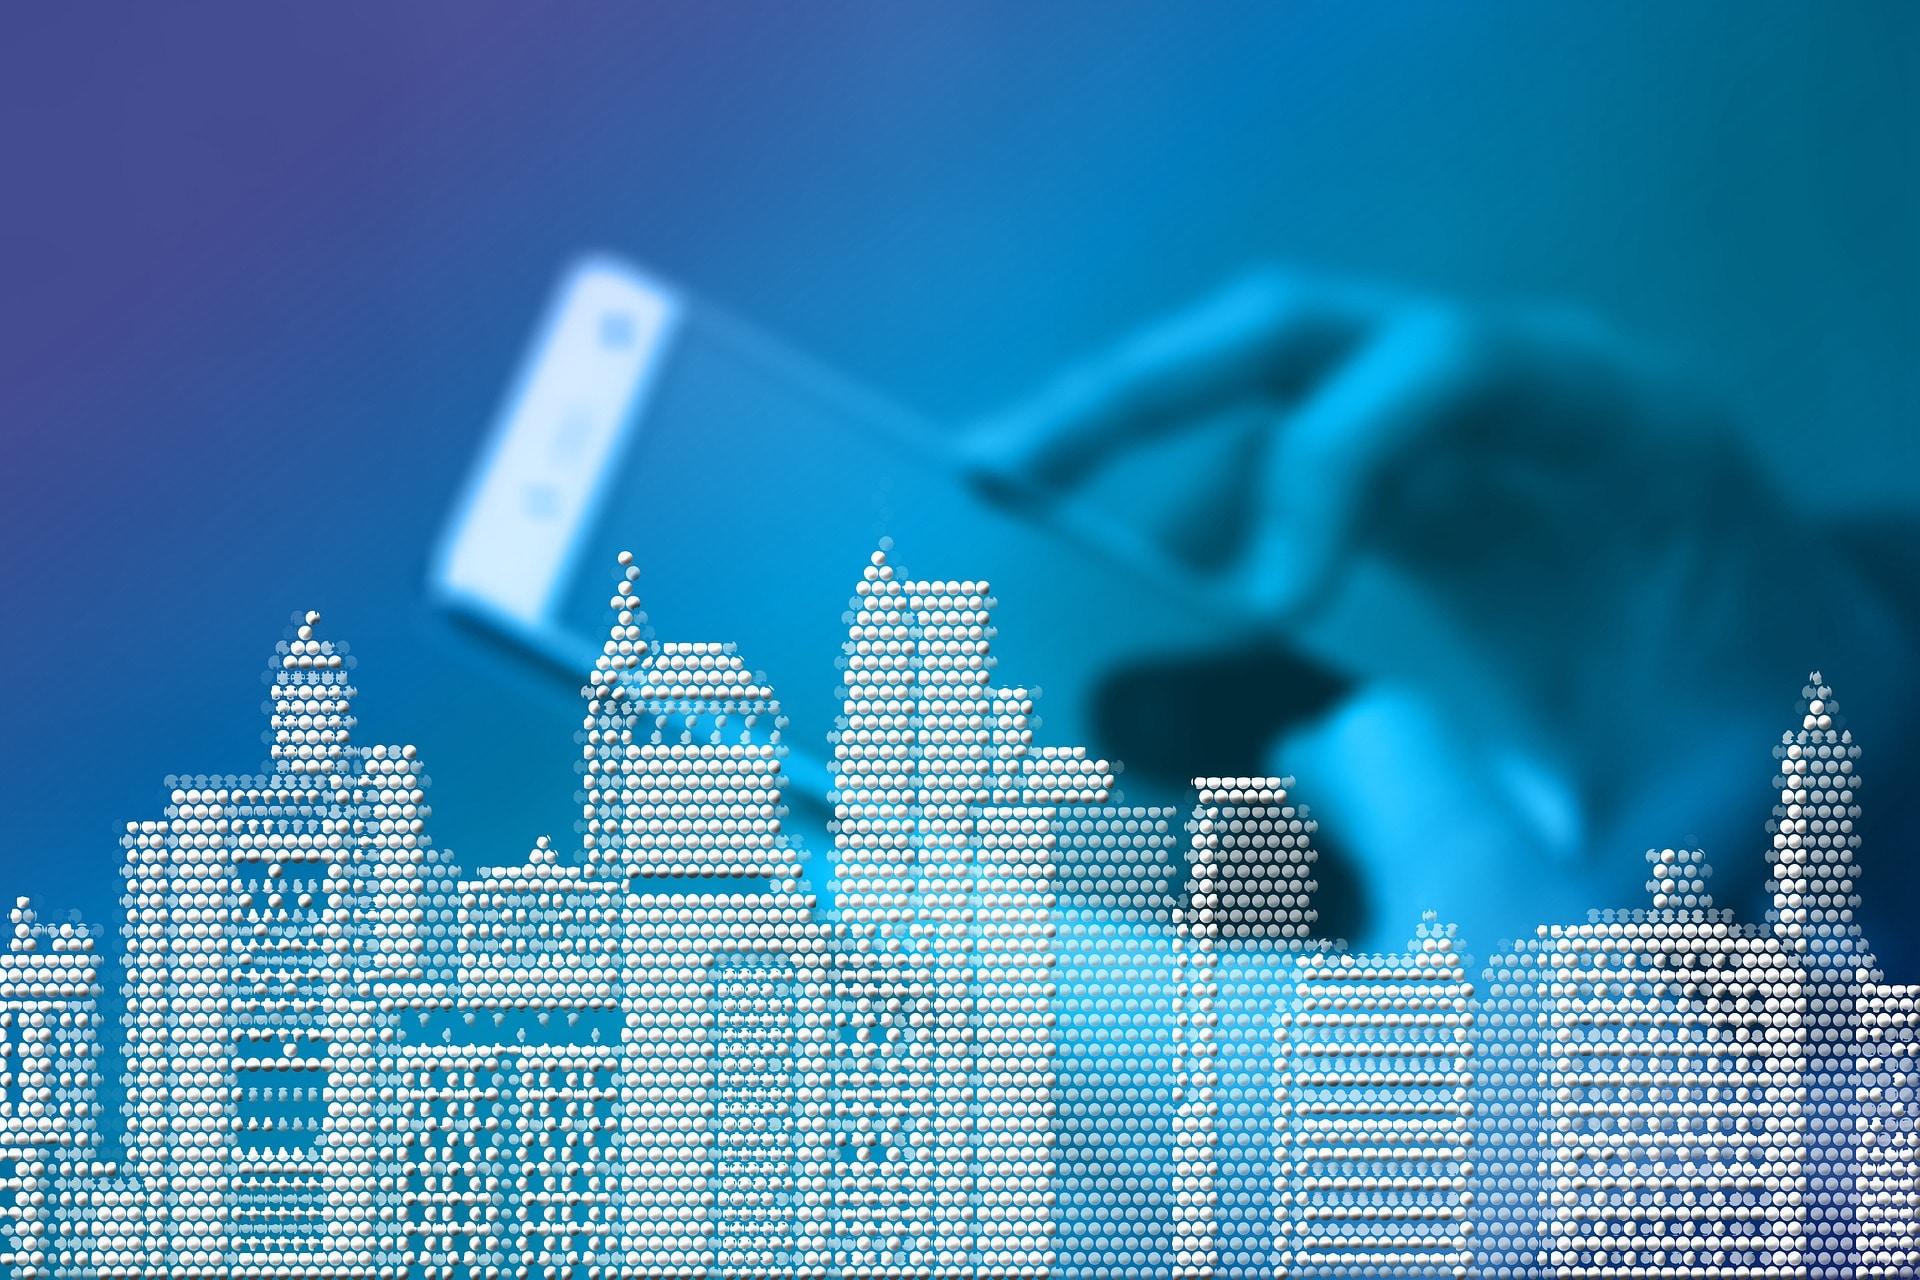 L'entreprise entend accélérer la digitalisation du marché de l'énergie et a pour ambition de créer un Internet de l'Énergie.